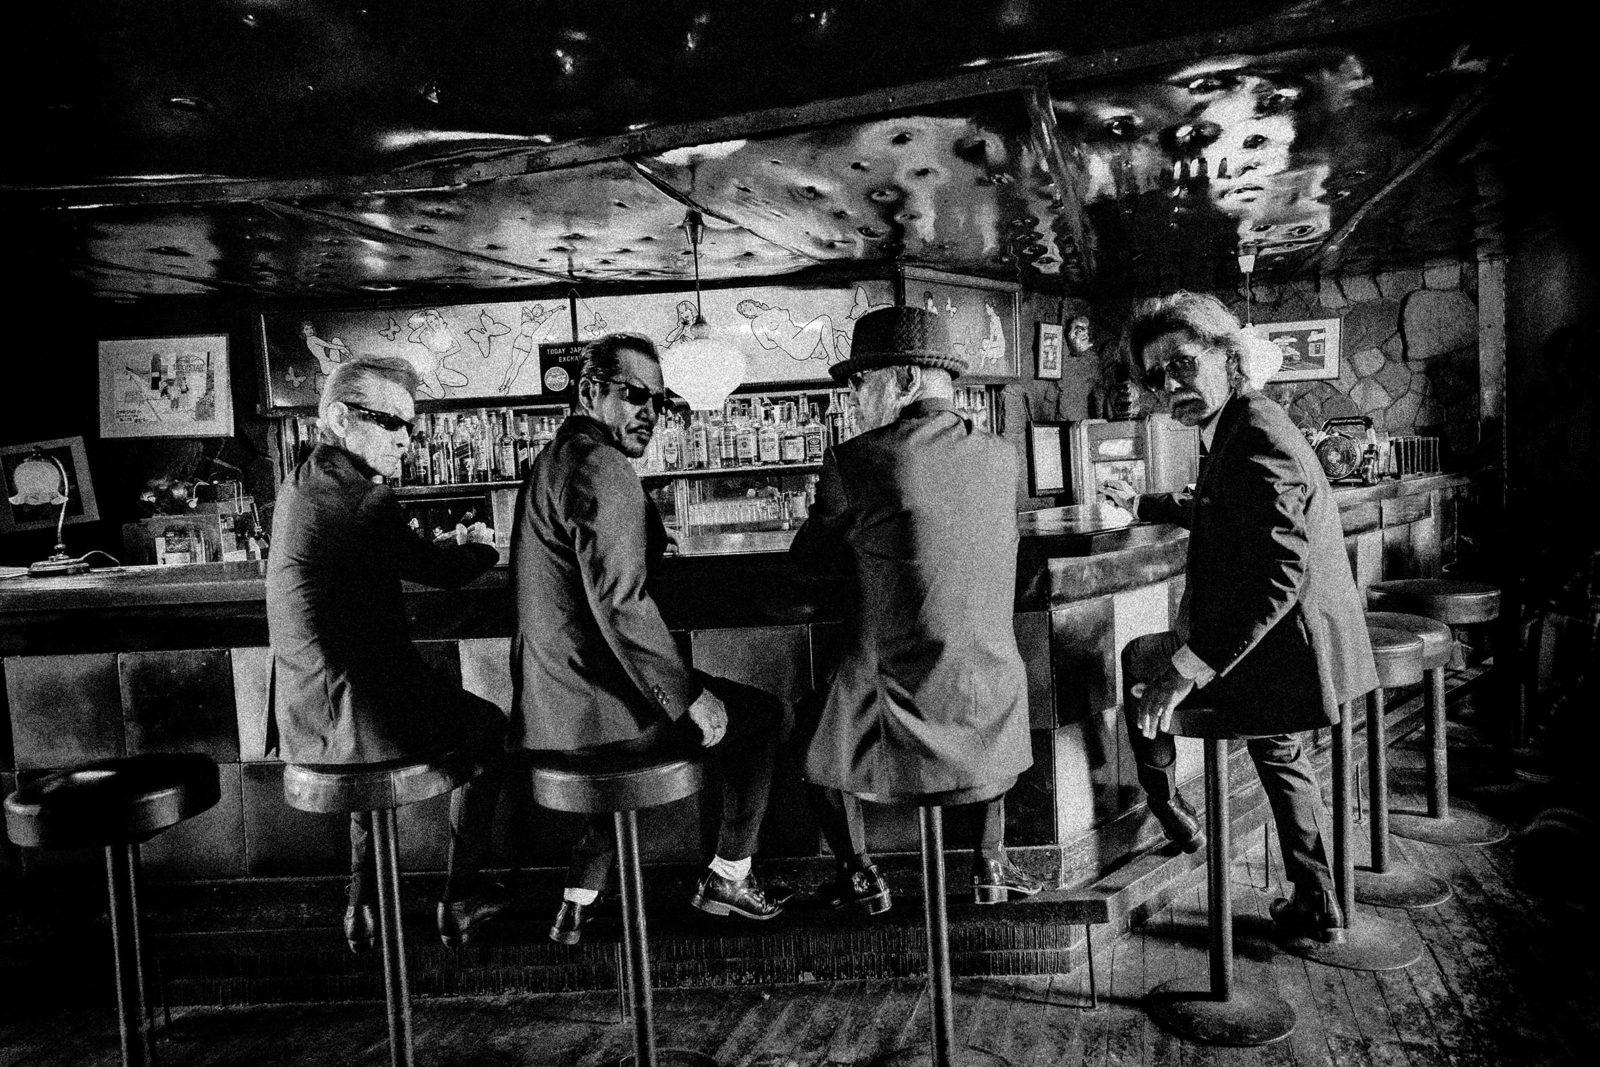 伝説のバンド「横浜銀蝿」とコラボが始動「単車の虎」初の公式テーマソングが「男の勲章」に決定サムネイル画像